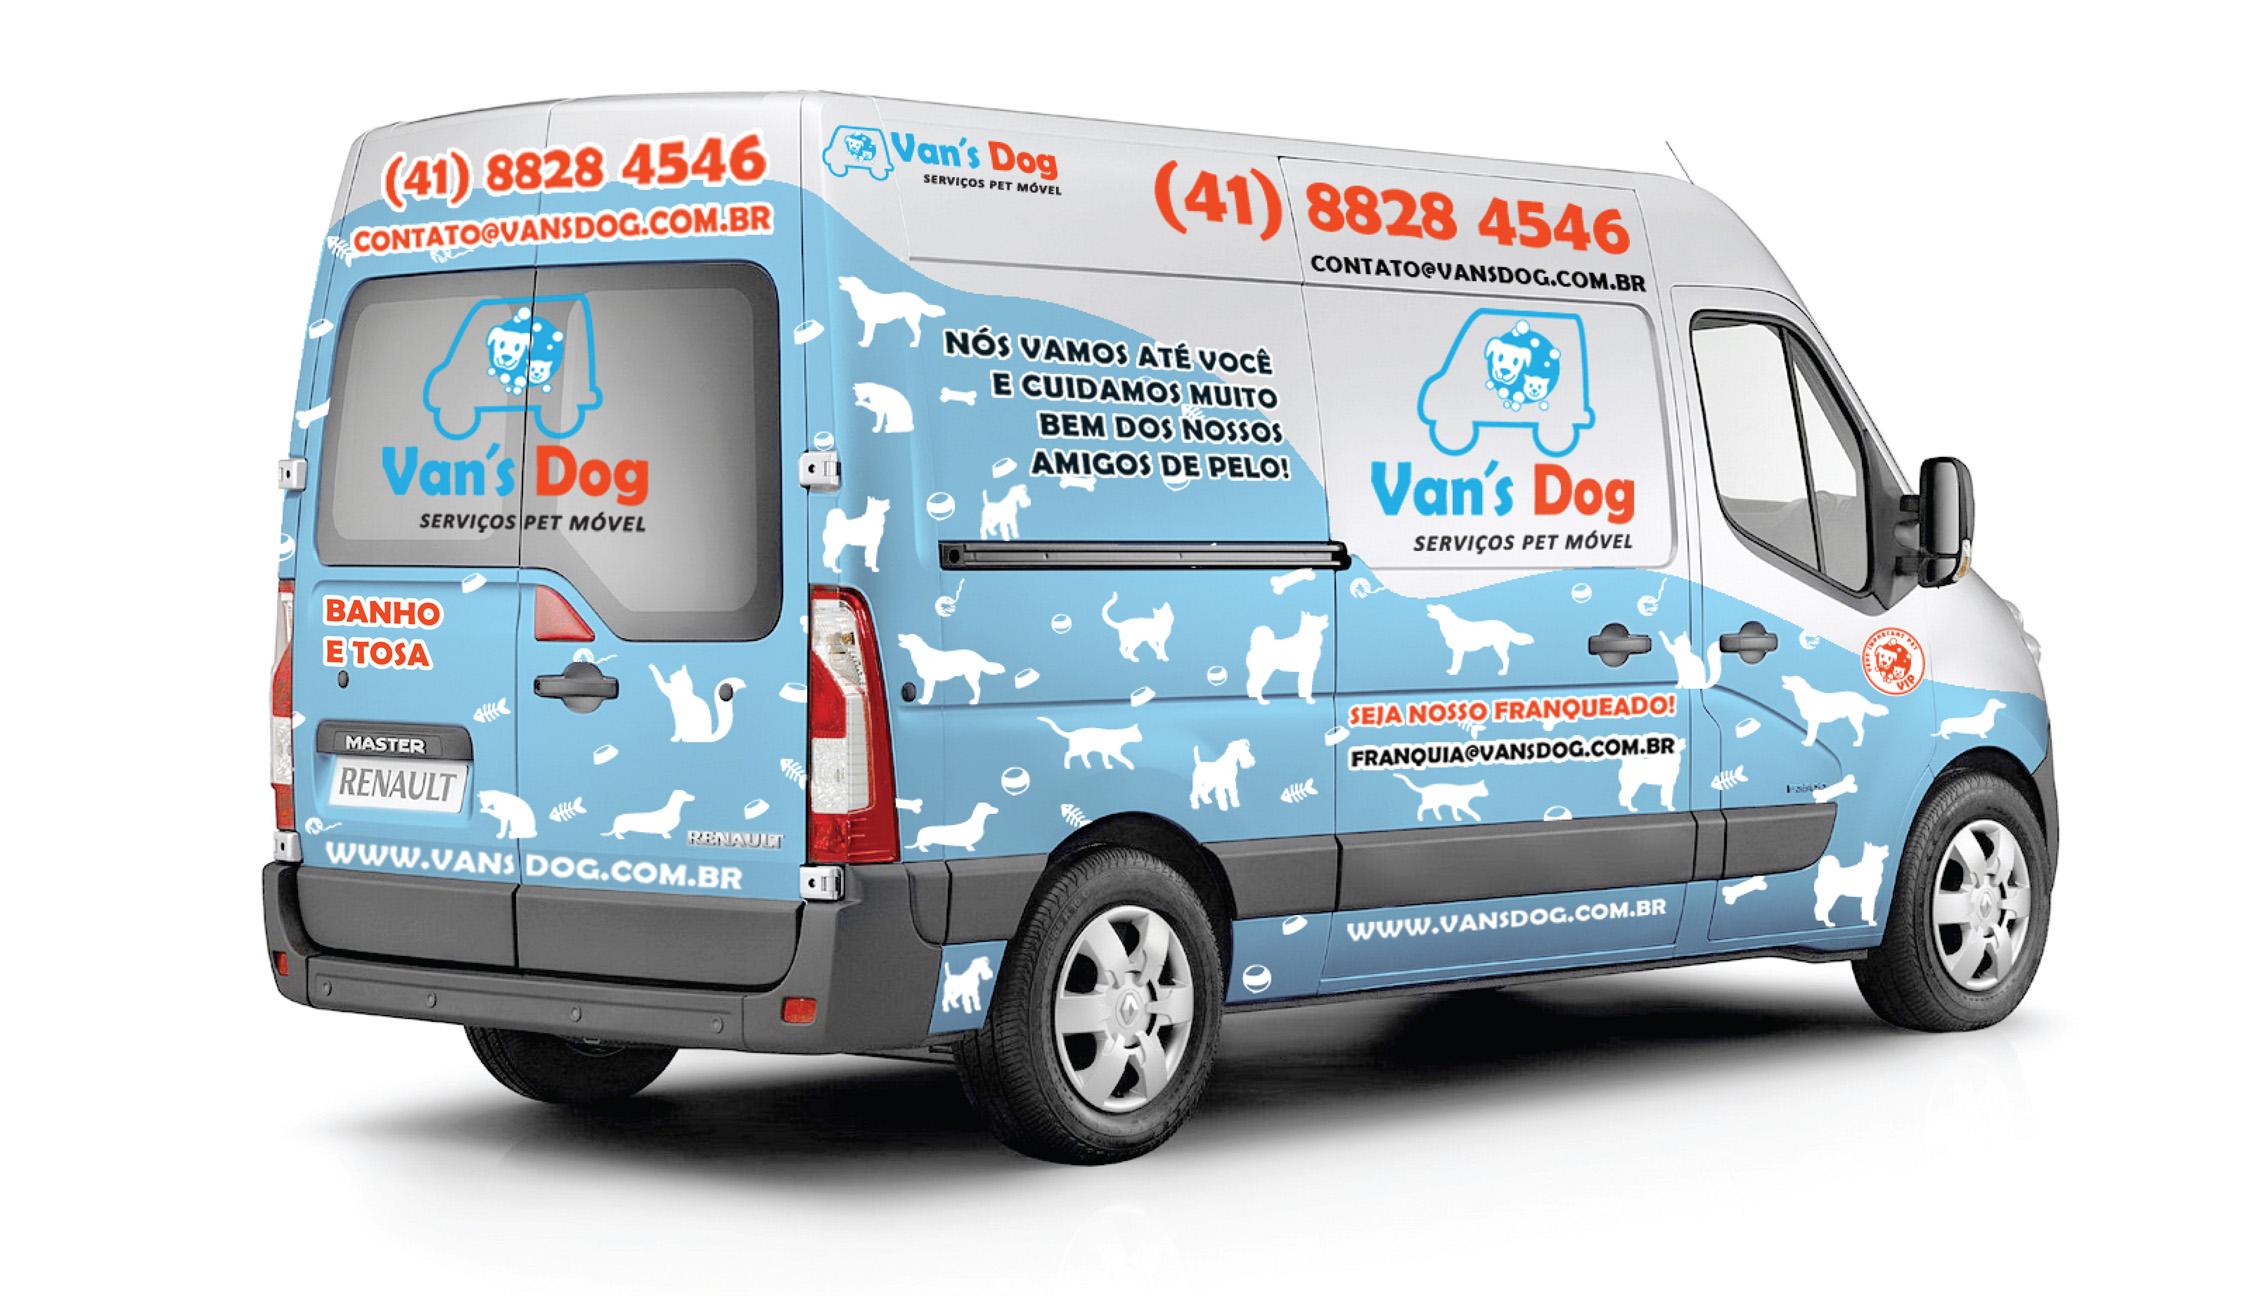 Van's Dog